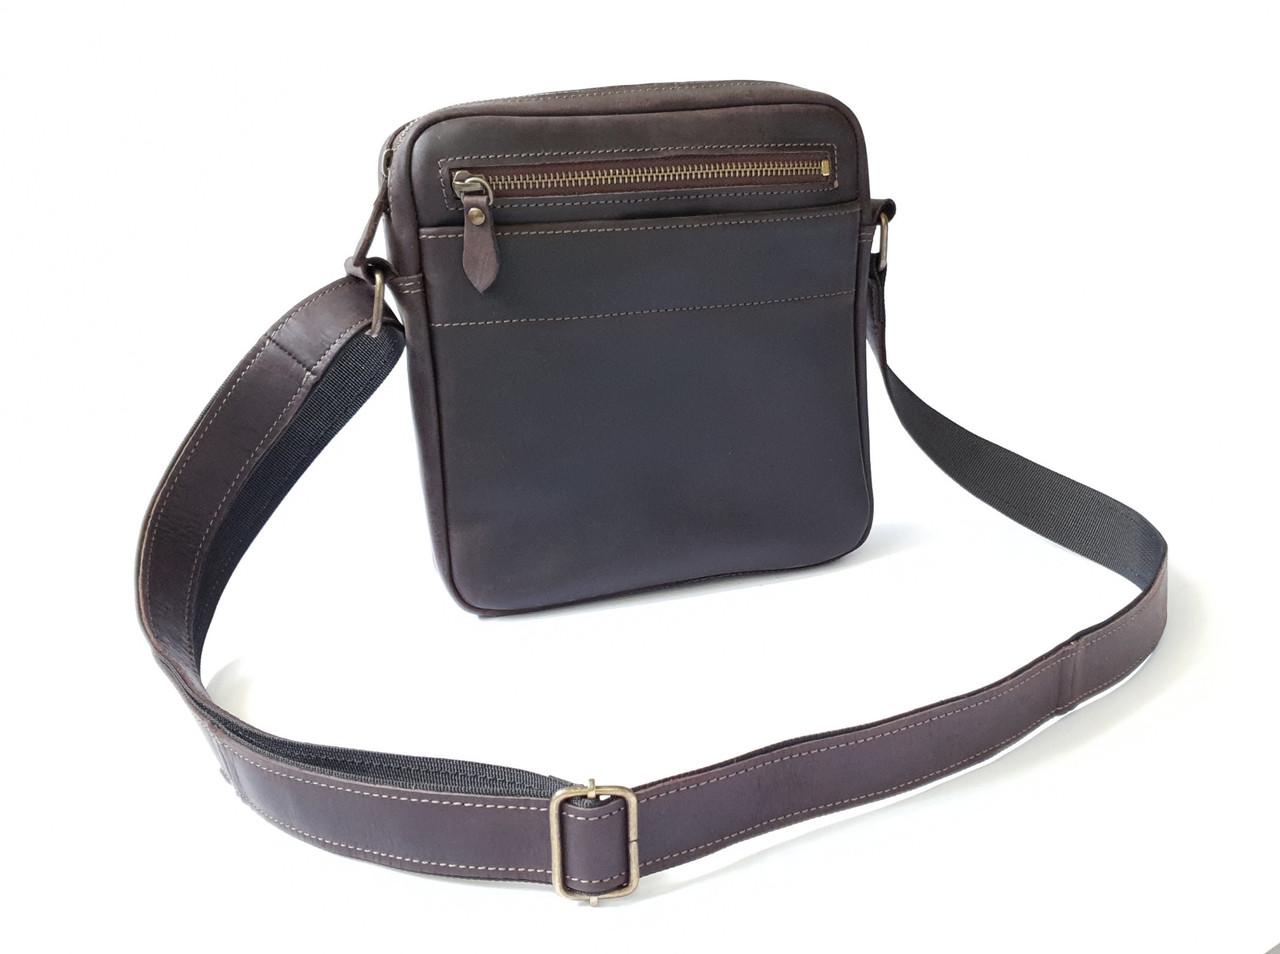 Мужская сумка через плечо GS натуральная кожа коричневая